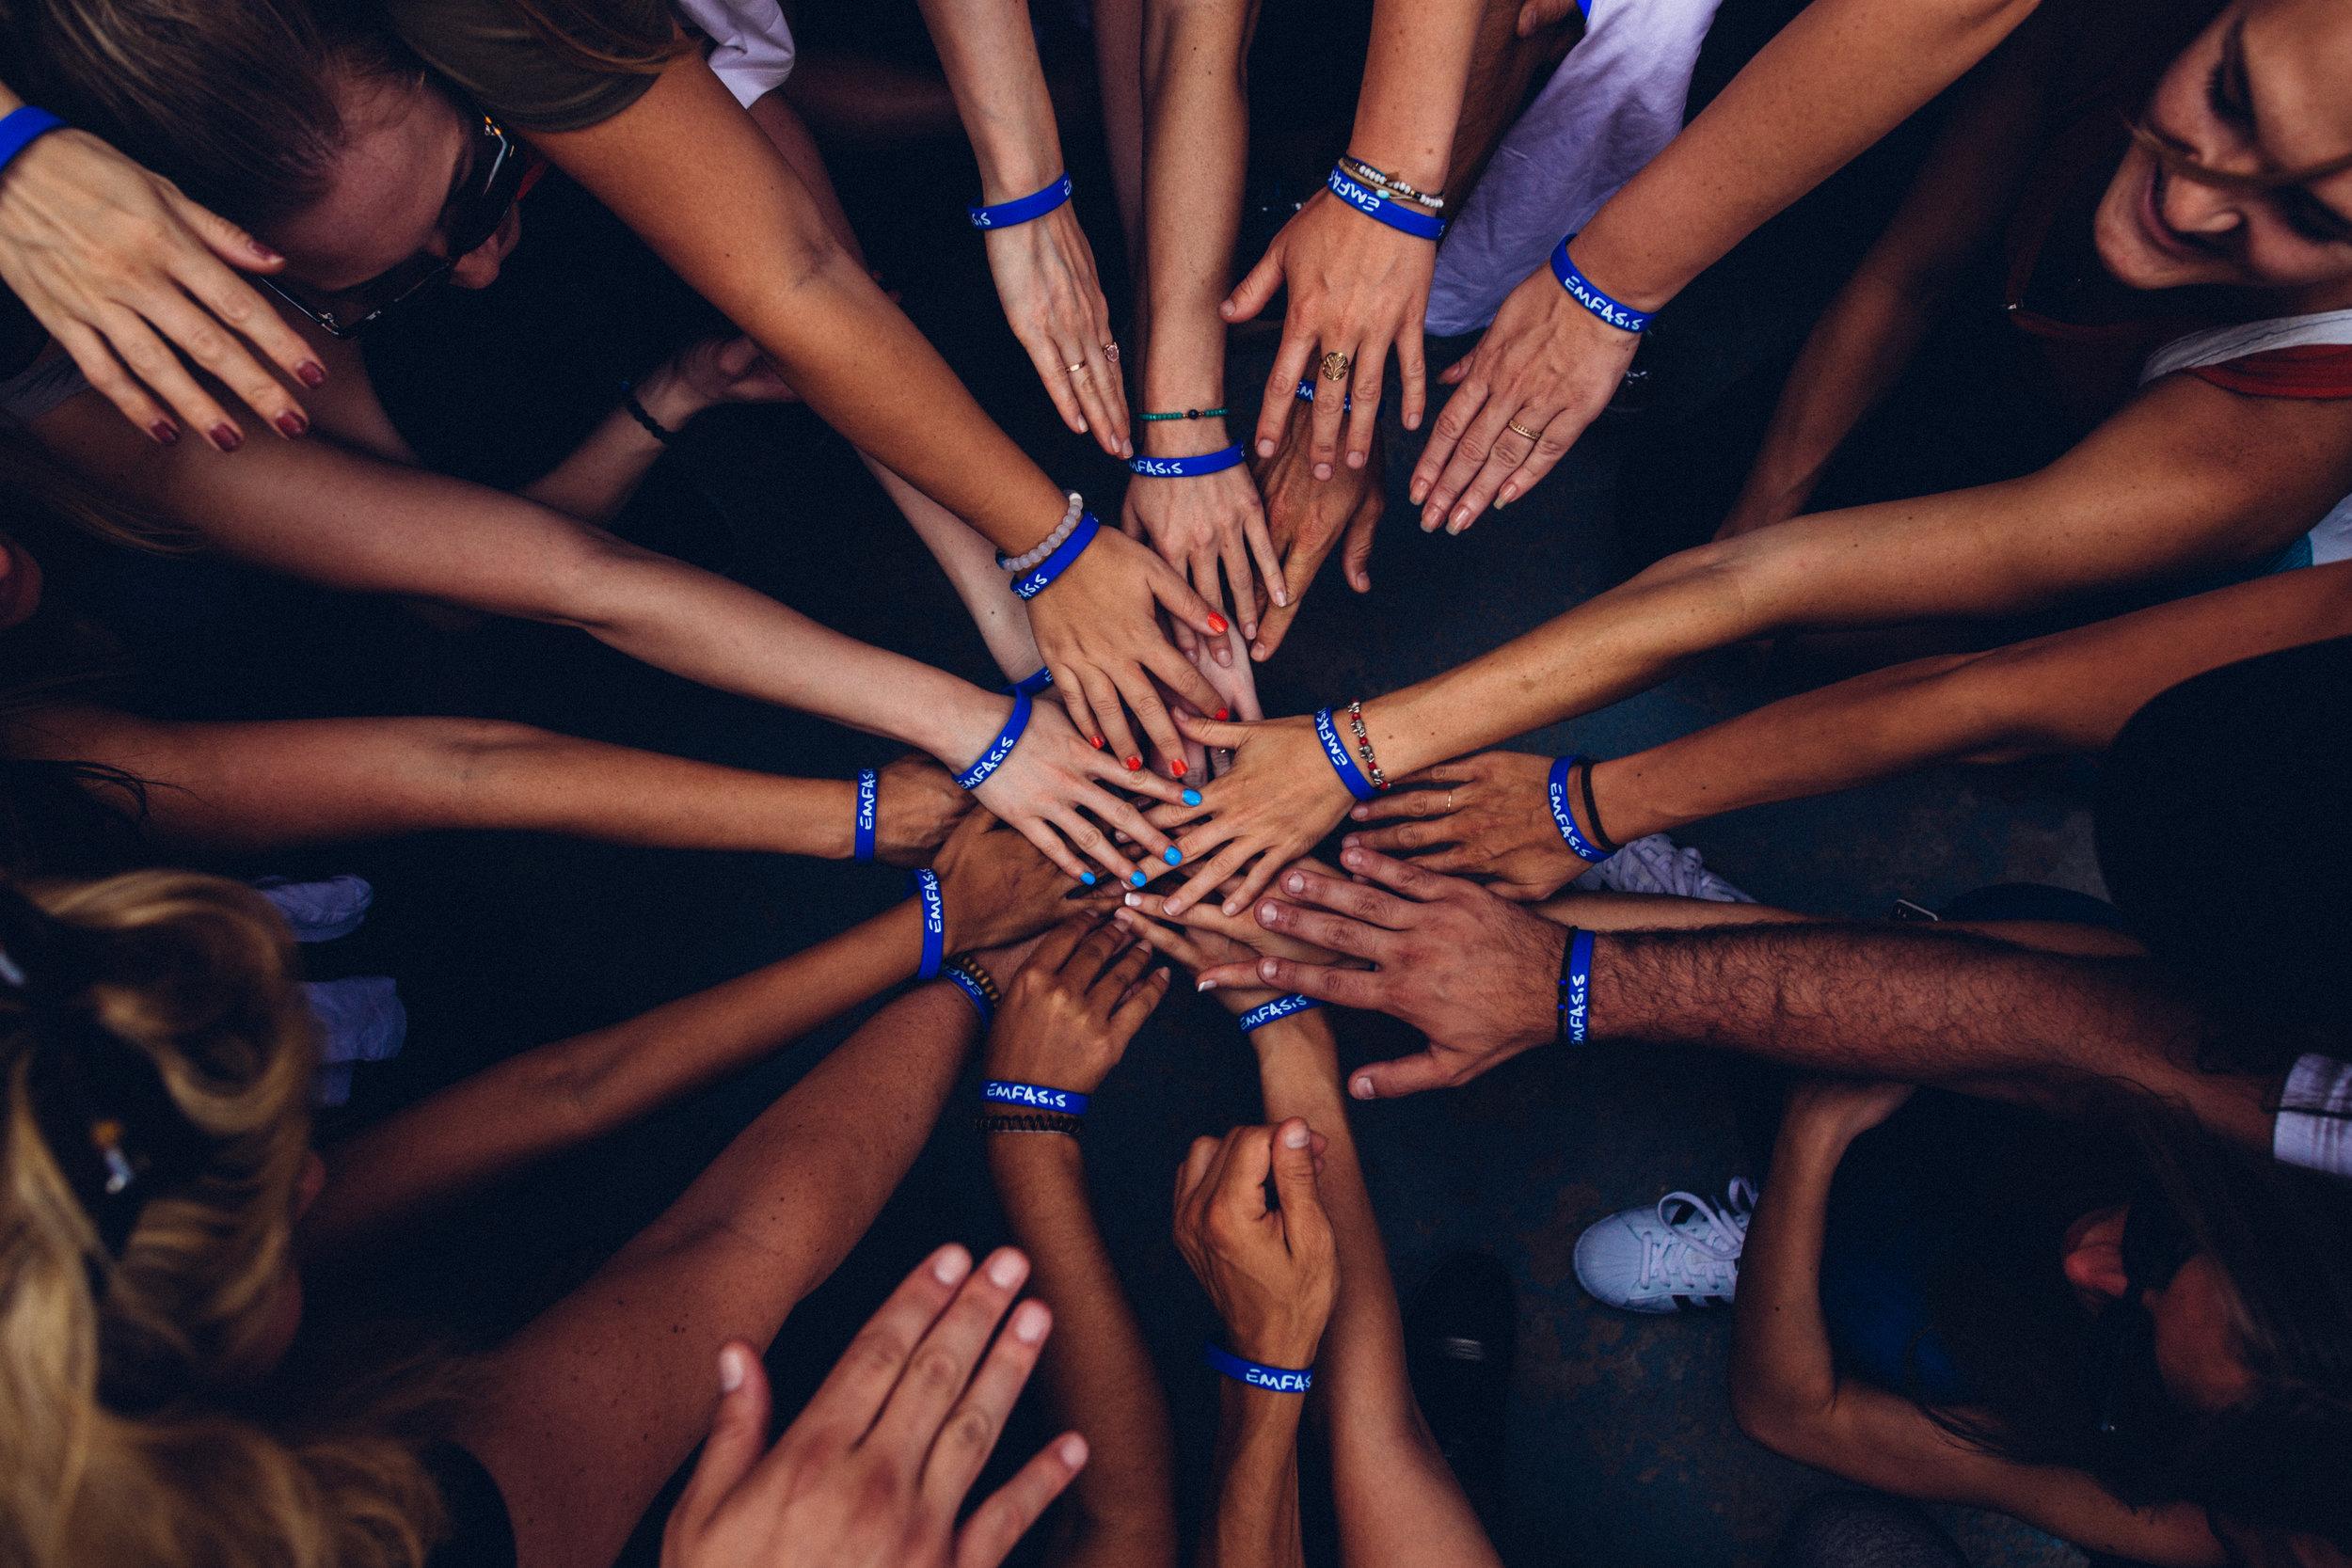 Aliados - Los aliados son empresas que además de ser buenas en sus negocios, tienen un corazón. Sí, las empresas también tienen su corazoncito y lo comparten en sus programas de Responsabilidad Social o muchas veces, simplemente poniéndole ganas para que las cosas pasen y haya muchos beneficiarios de sus iniciativas. Estas nuestras organizaciones aliadas en la actualidad, a todas ellas, siempre gracias.Juan Guillermo PeñaDiseñador GráficoChristian Silva - FABRILABMentorMauricio Jaramillo - ImpactoTICMentorBucaranaranja MentoresProspective Mentores